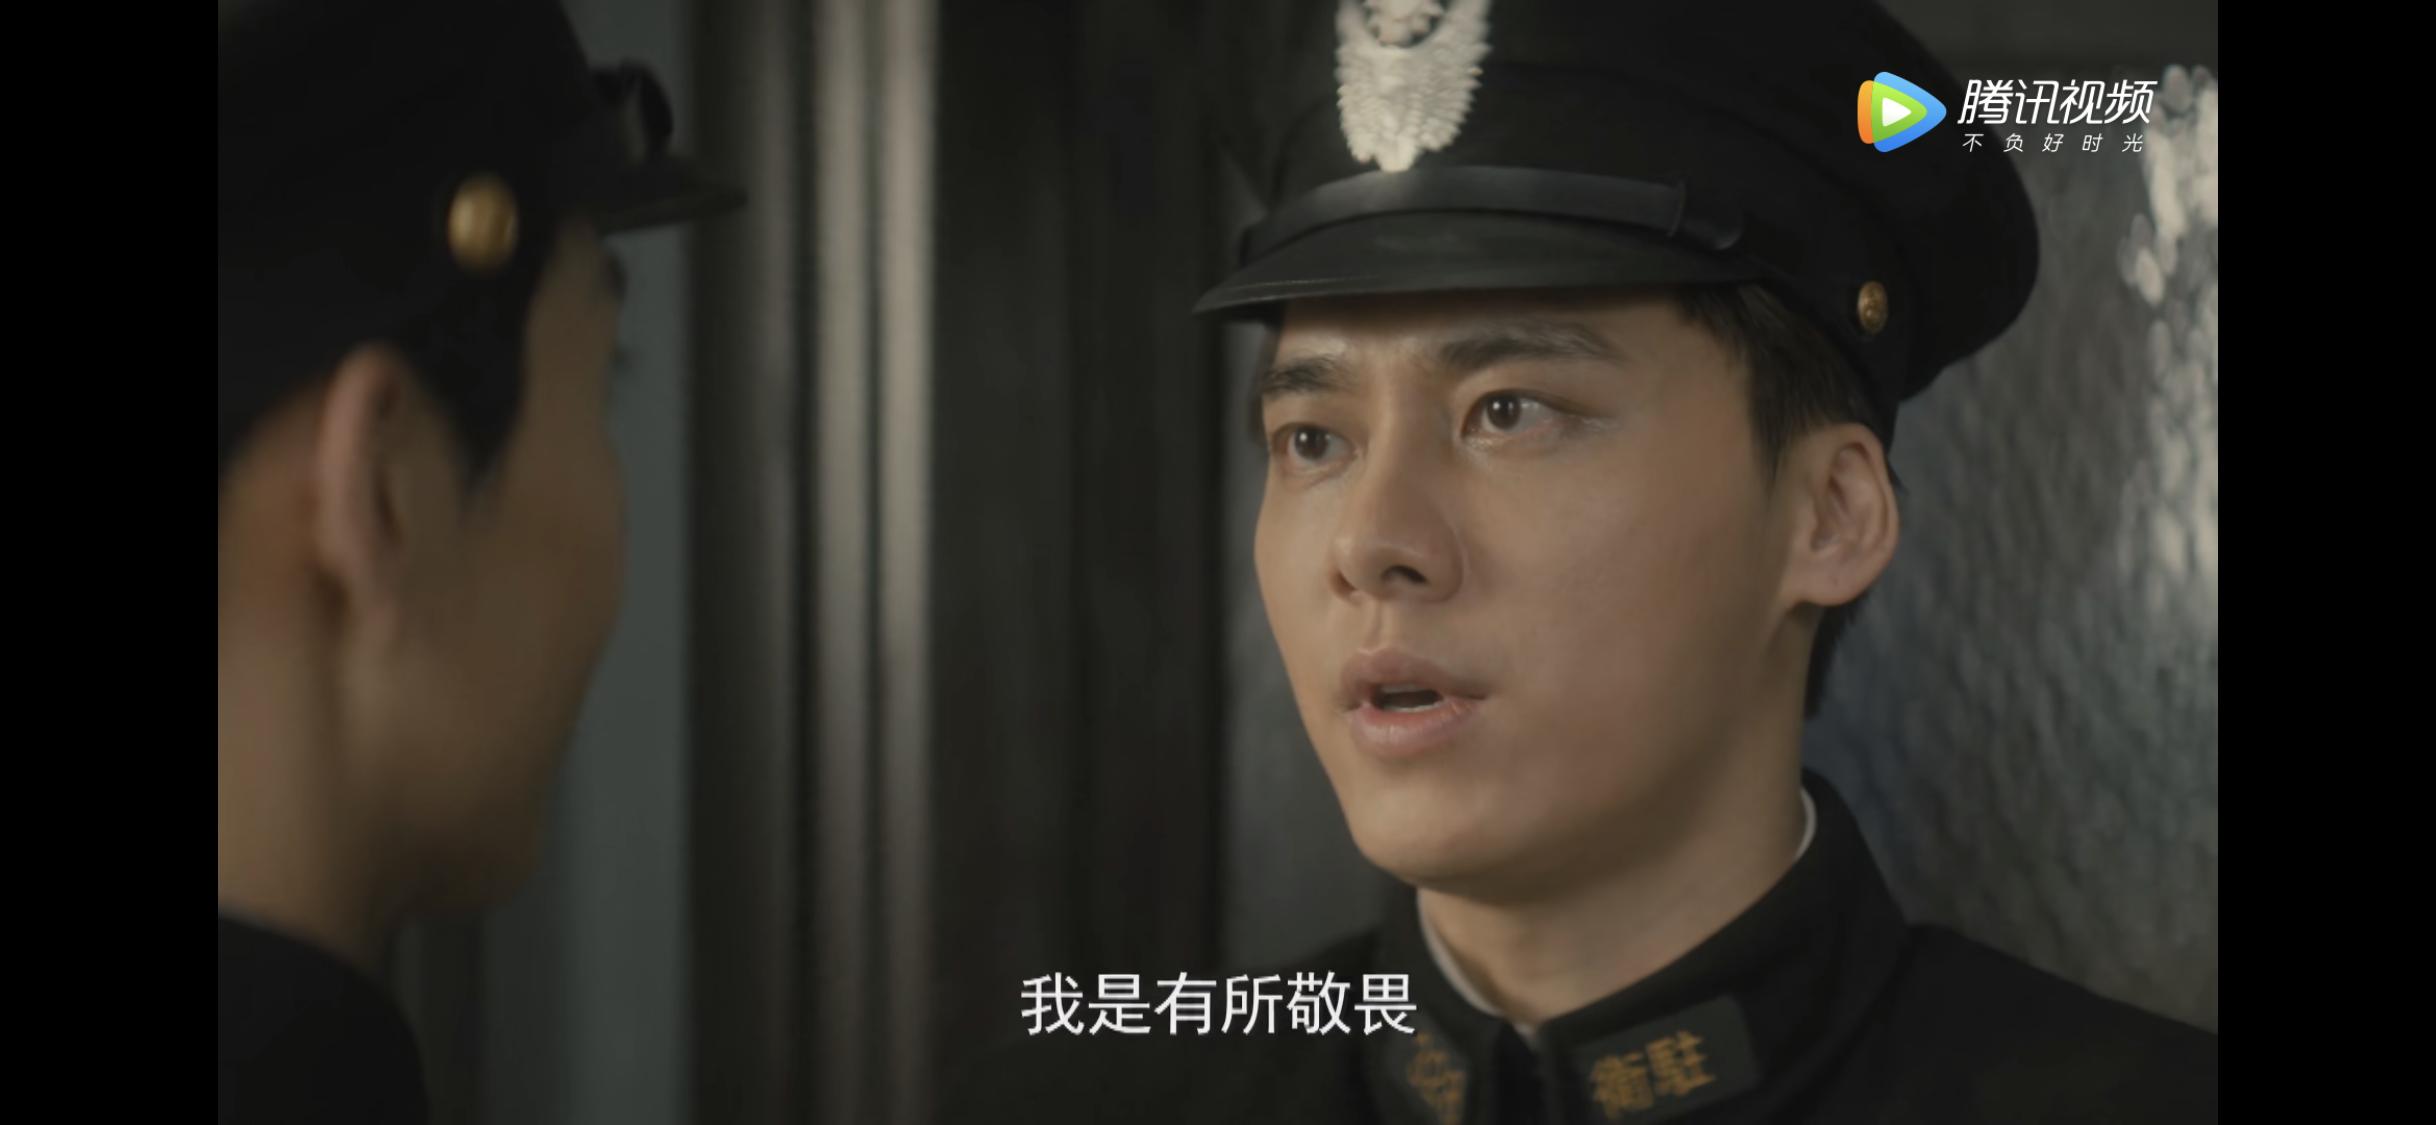 《隐秘而伟大》赵志勇洗白,为保护顾耀东,被钟百鸣推下警局大楼